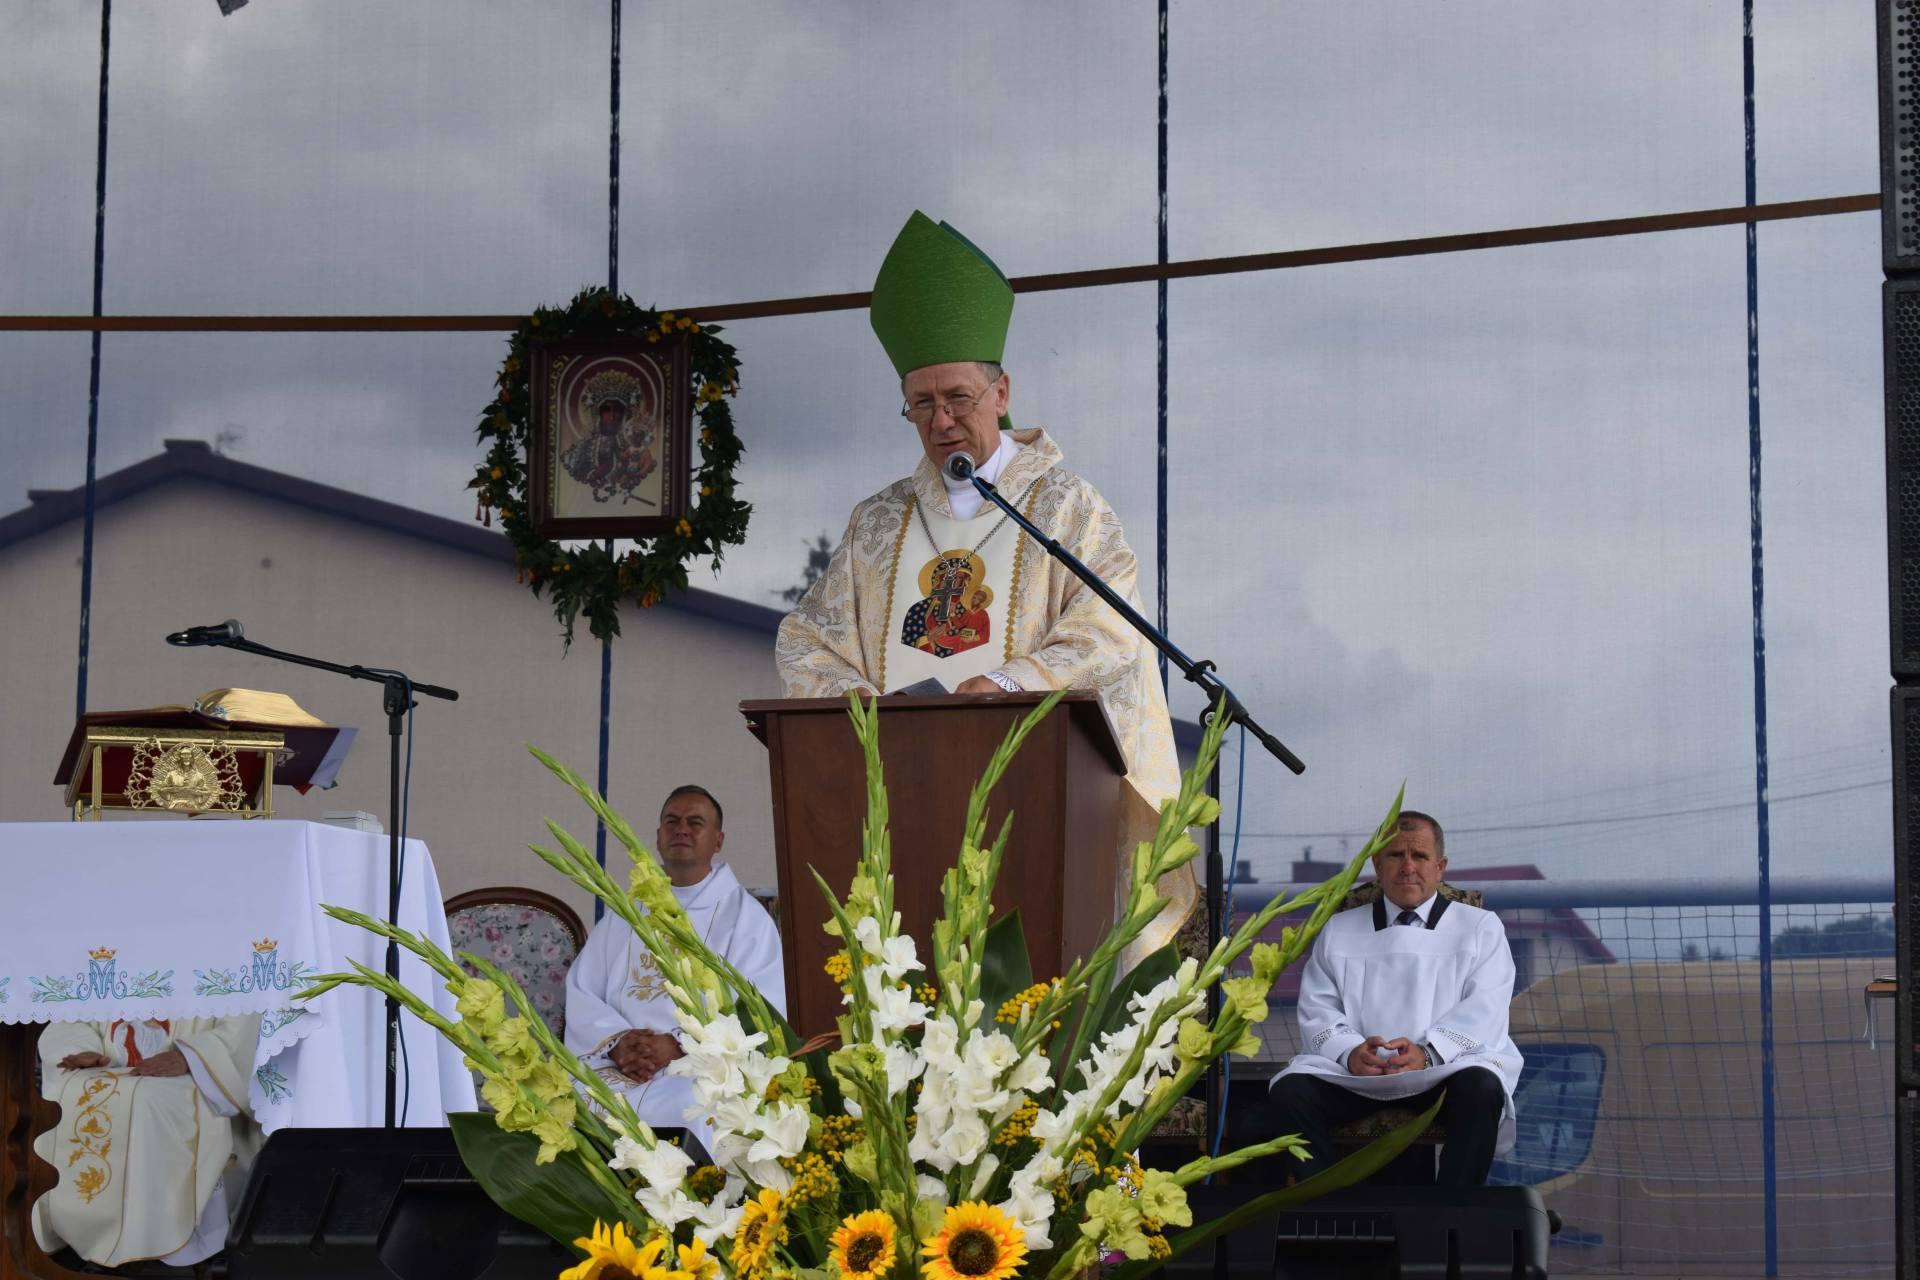 dsc 0001 23 sierpnia odbyły się Dożynki Powiatowo-Gminne w Łabuniach. Publikujemy zdjęcia